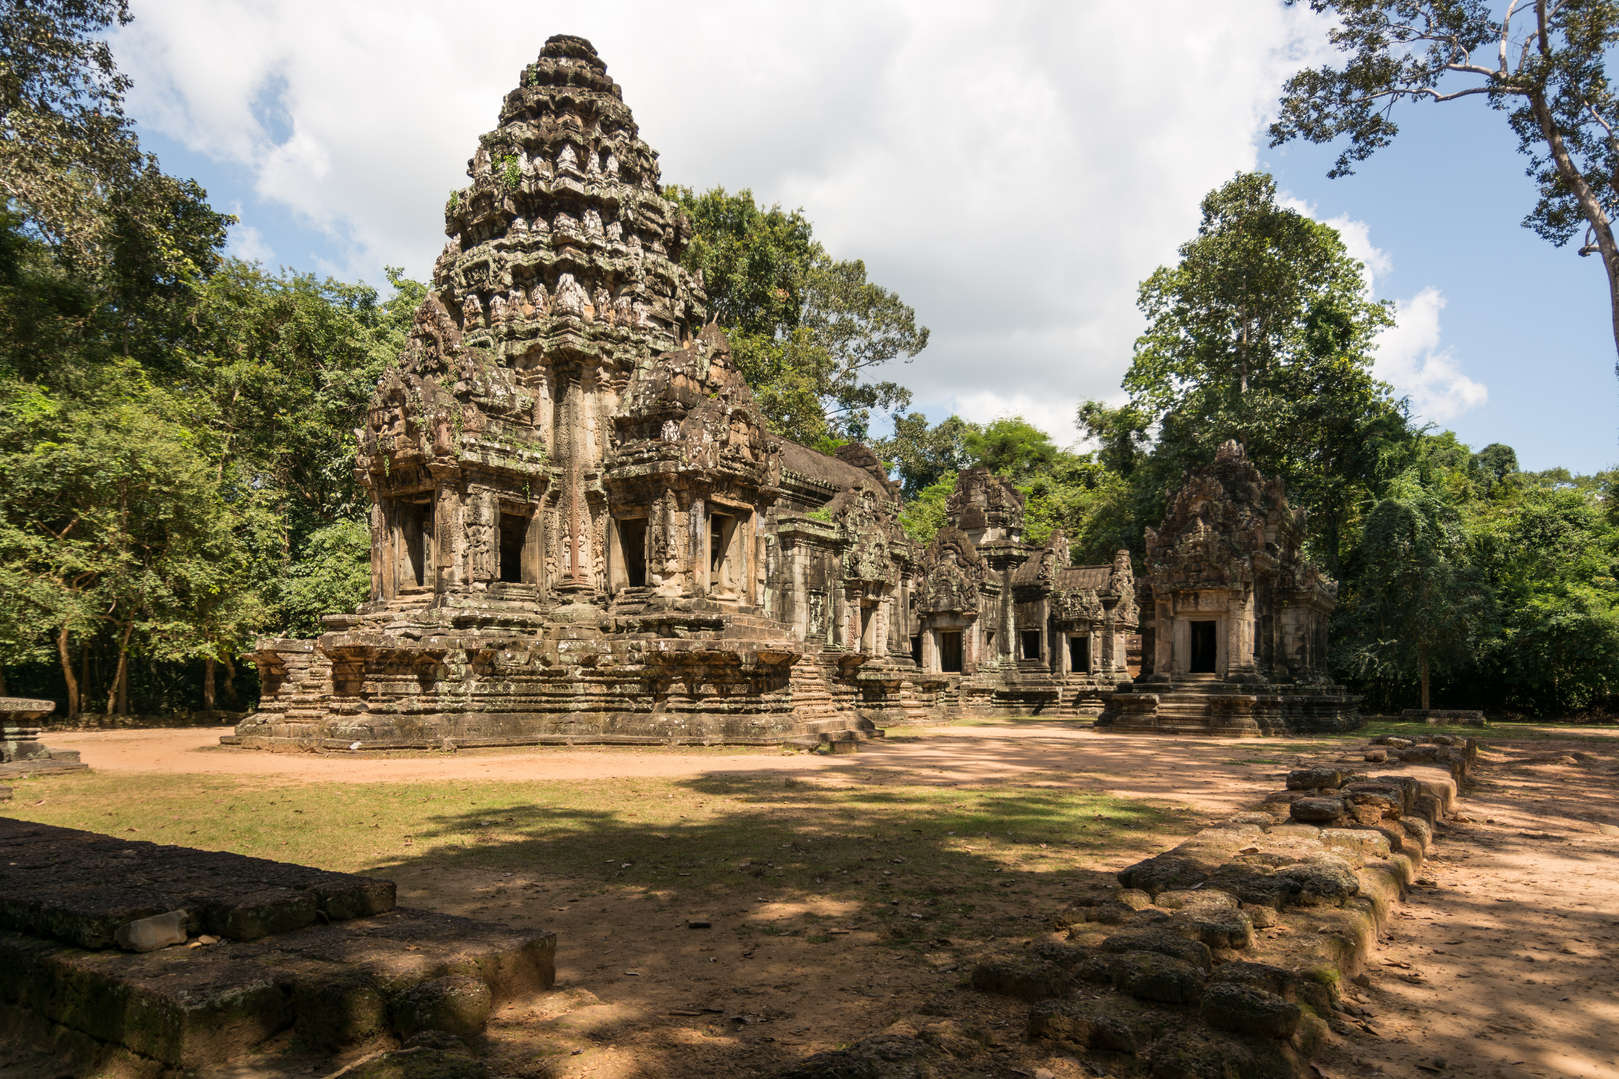 Świątynia Thommanon, Angkor, Kambodża. Fotografia Maciej Rutkowski